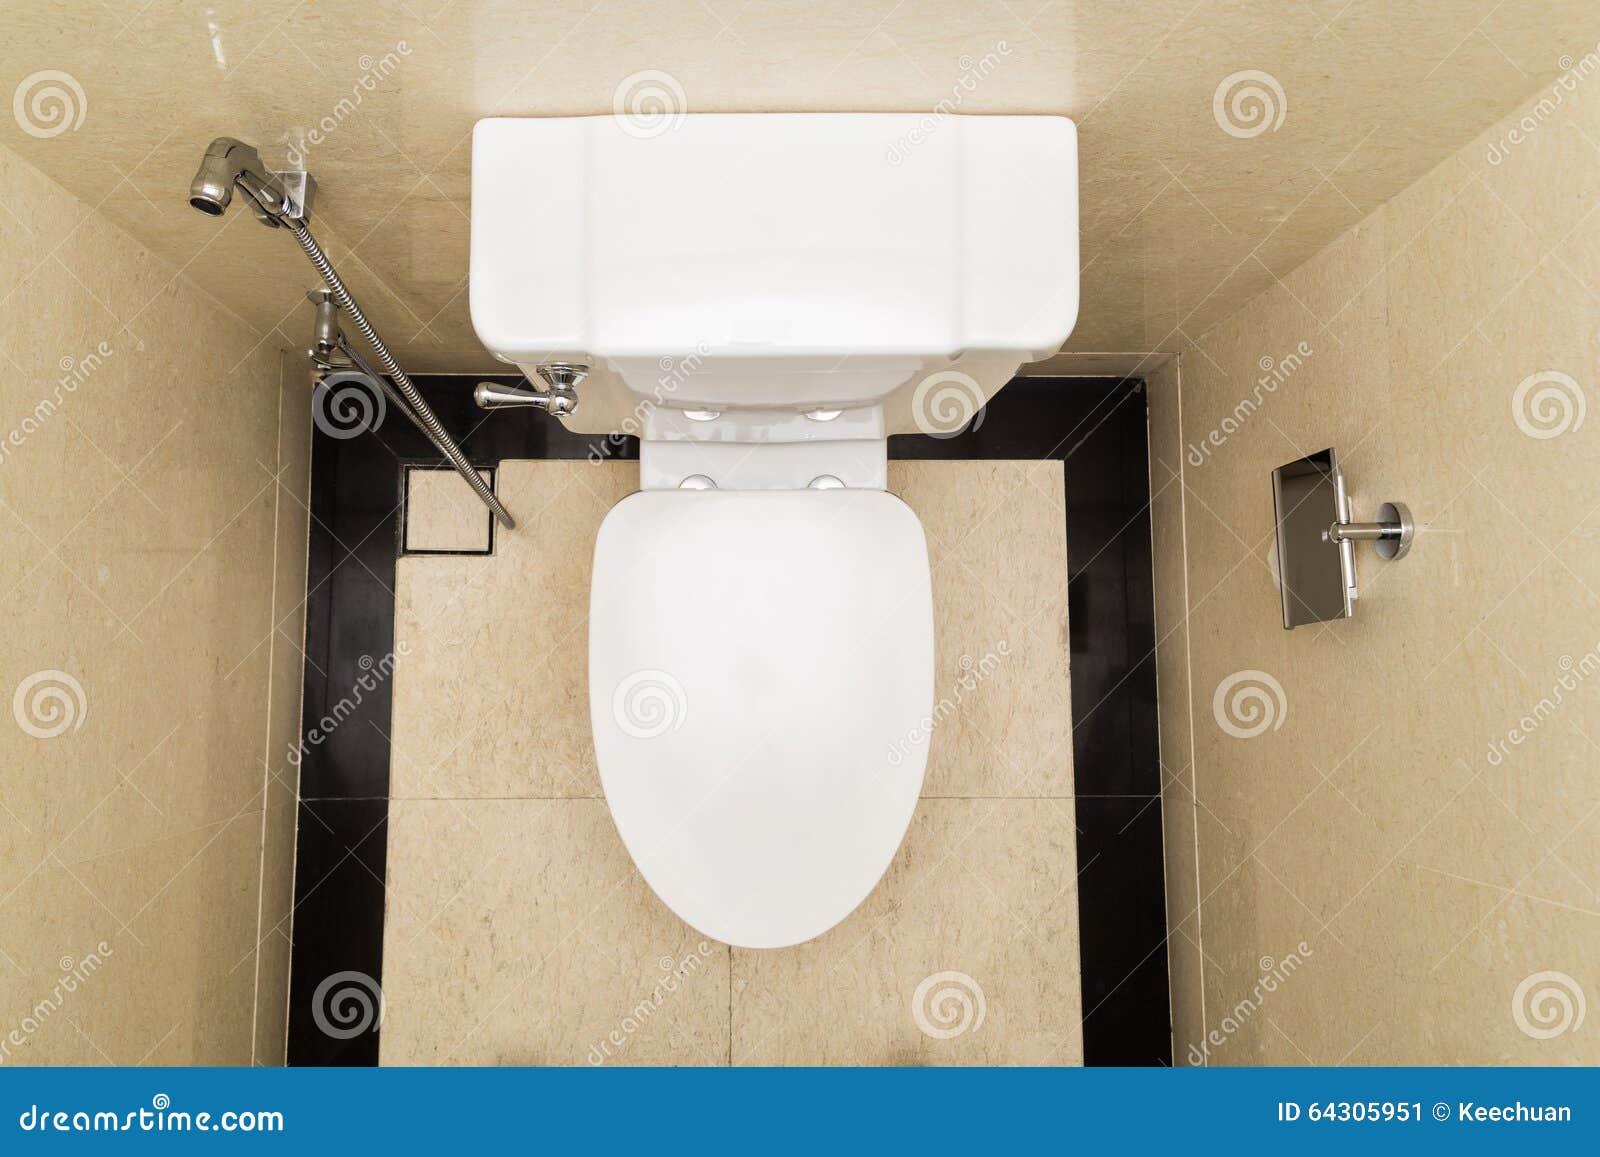 Moderne Und Hygienische Toilettenschüssel Mit Bidet Im Badezimmer ...